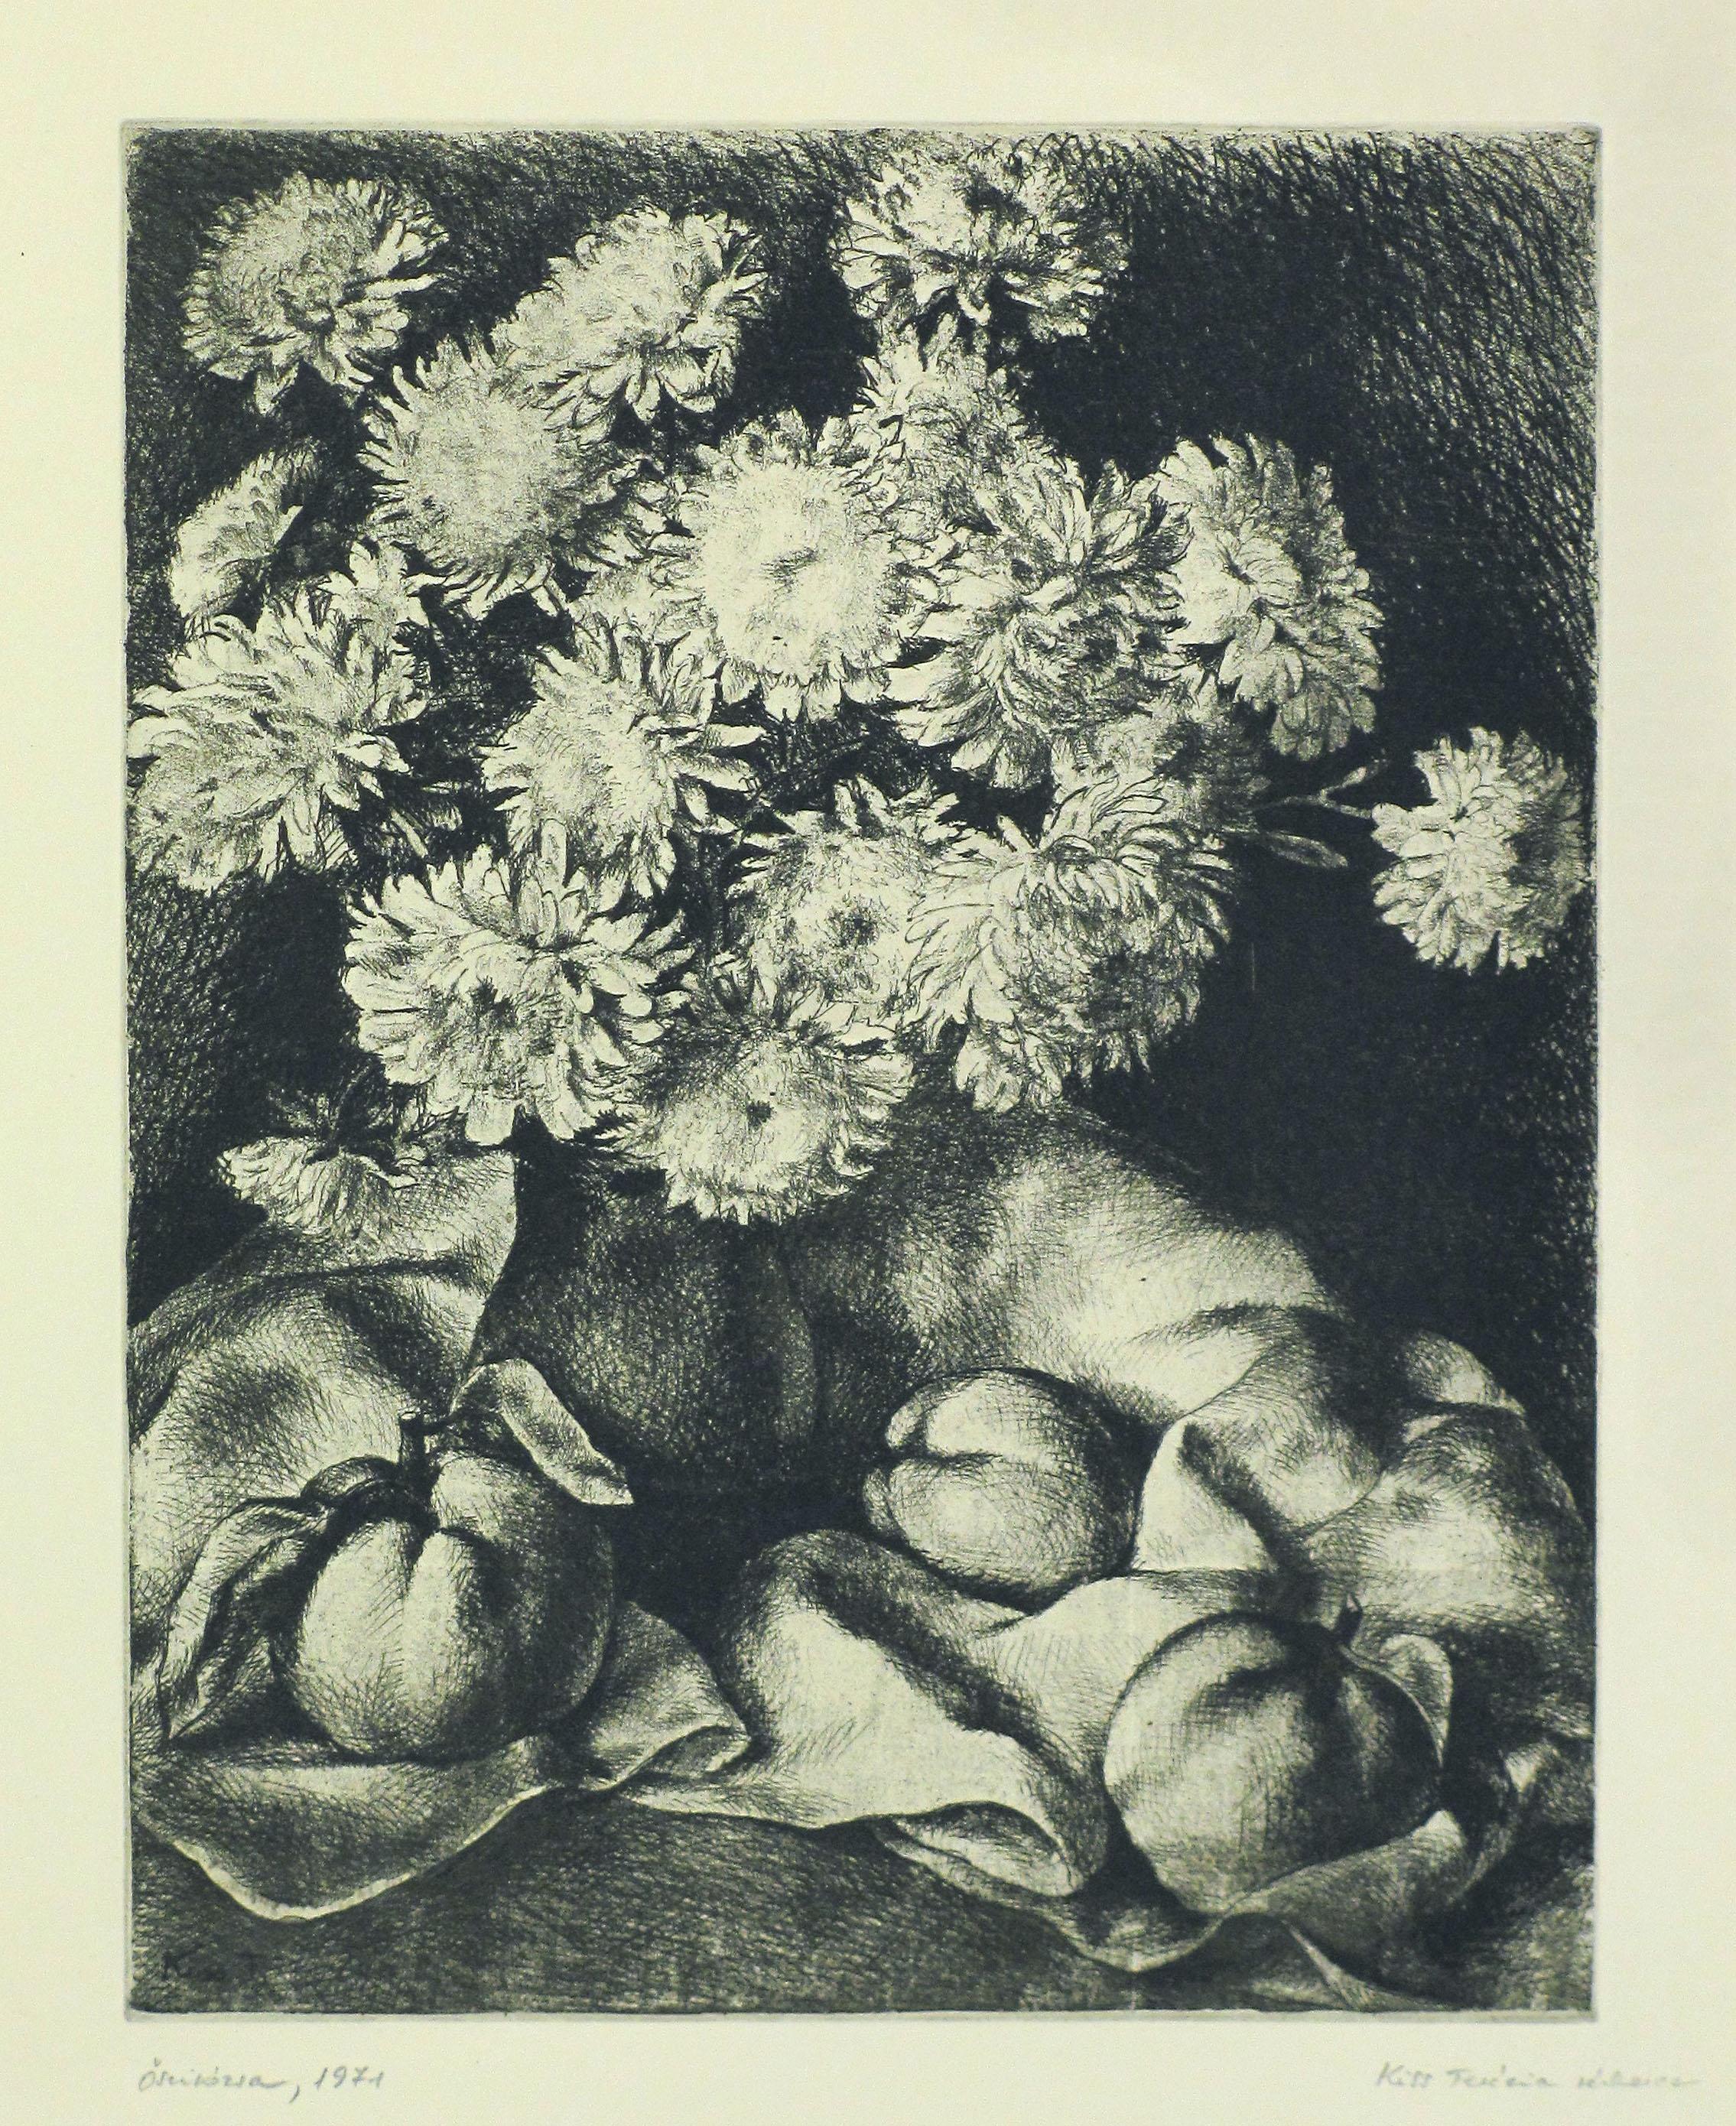 204-16kn.jpg (2270×2780)